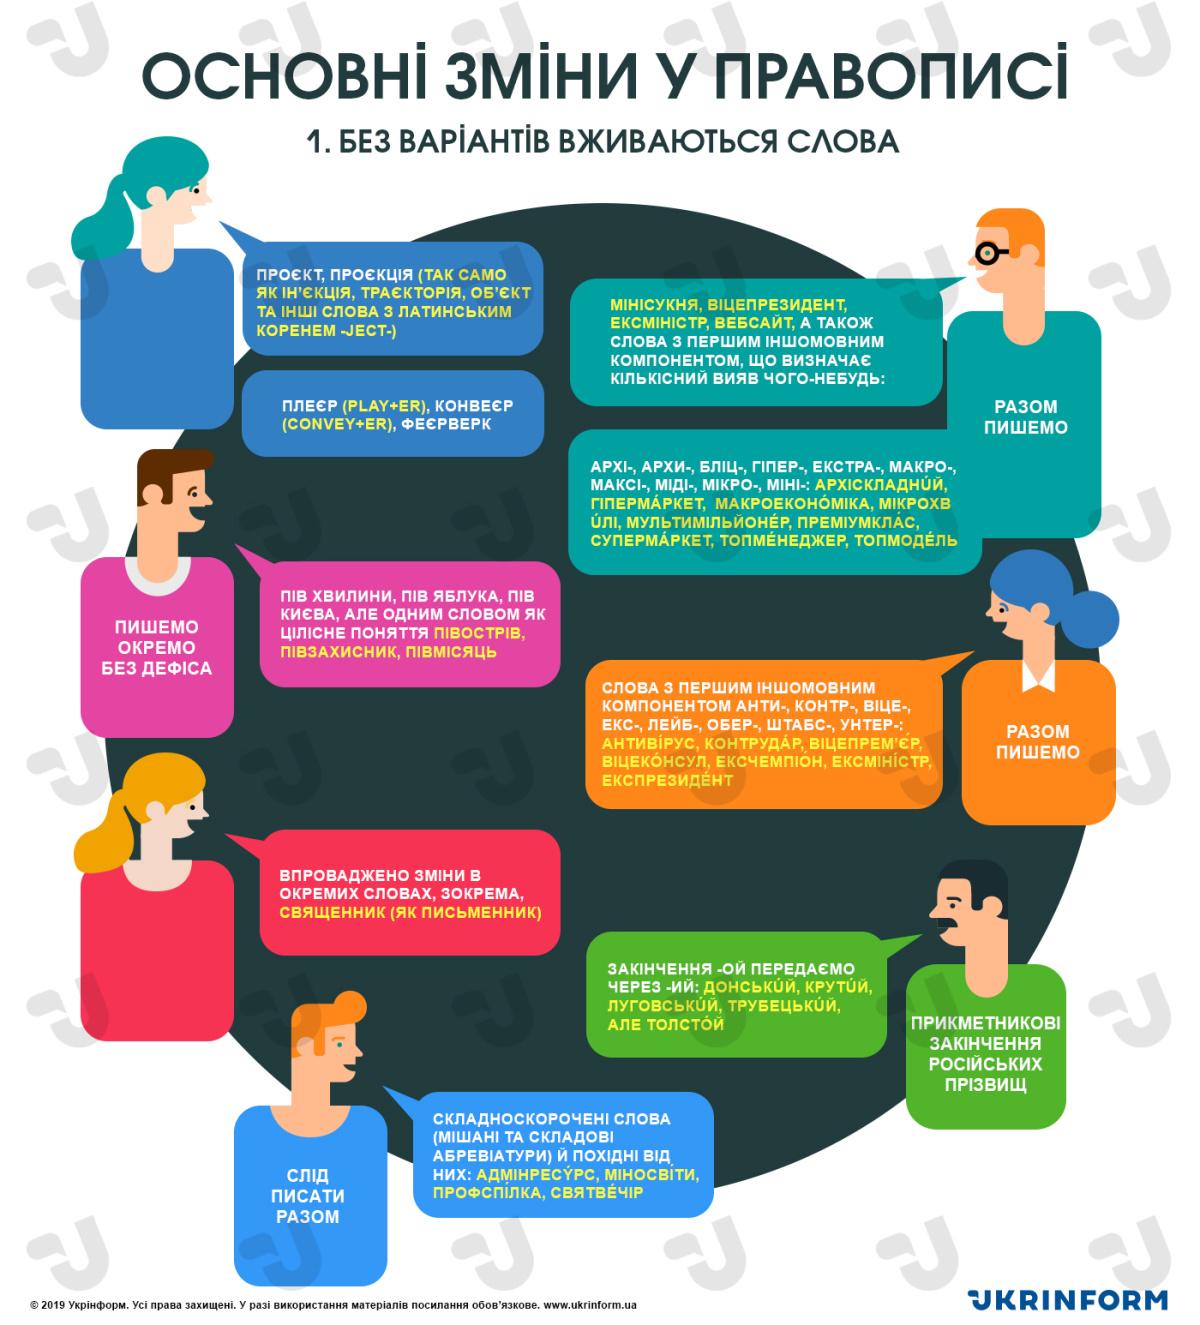 Образовательная траектория, программа или маршрут? | by михаил кушнир | директория-онлайн | medium